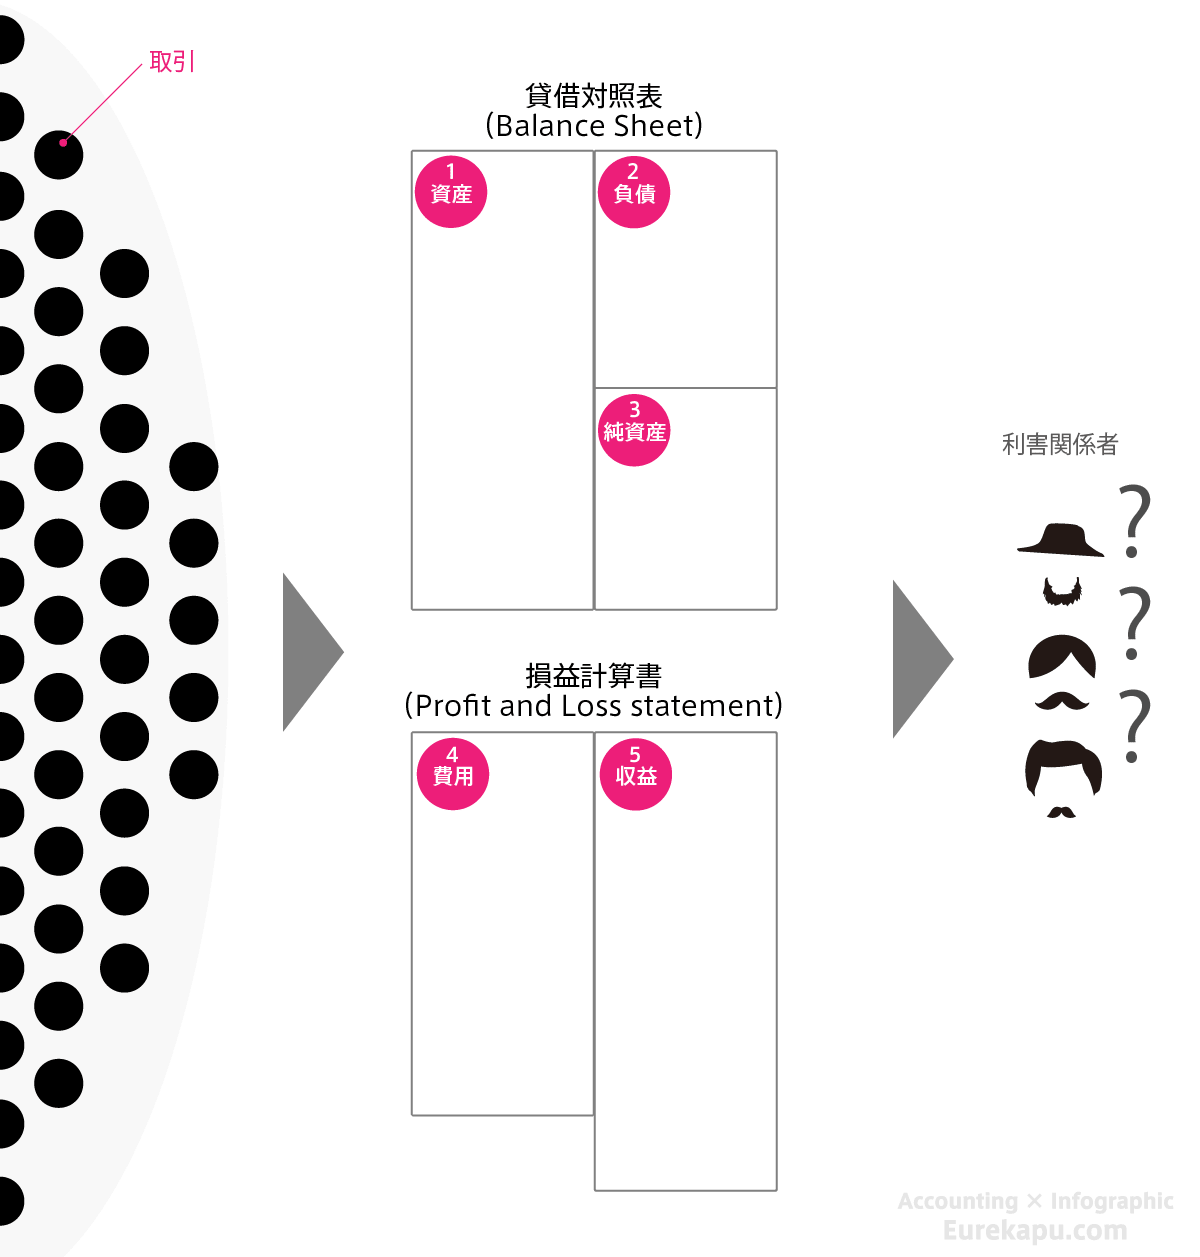 5つの要素だけでは簡潔すぎることを説明する図です